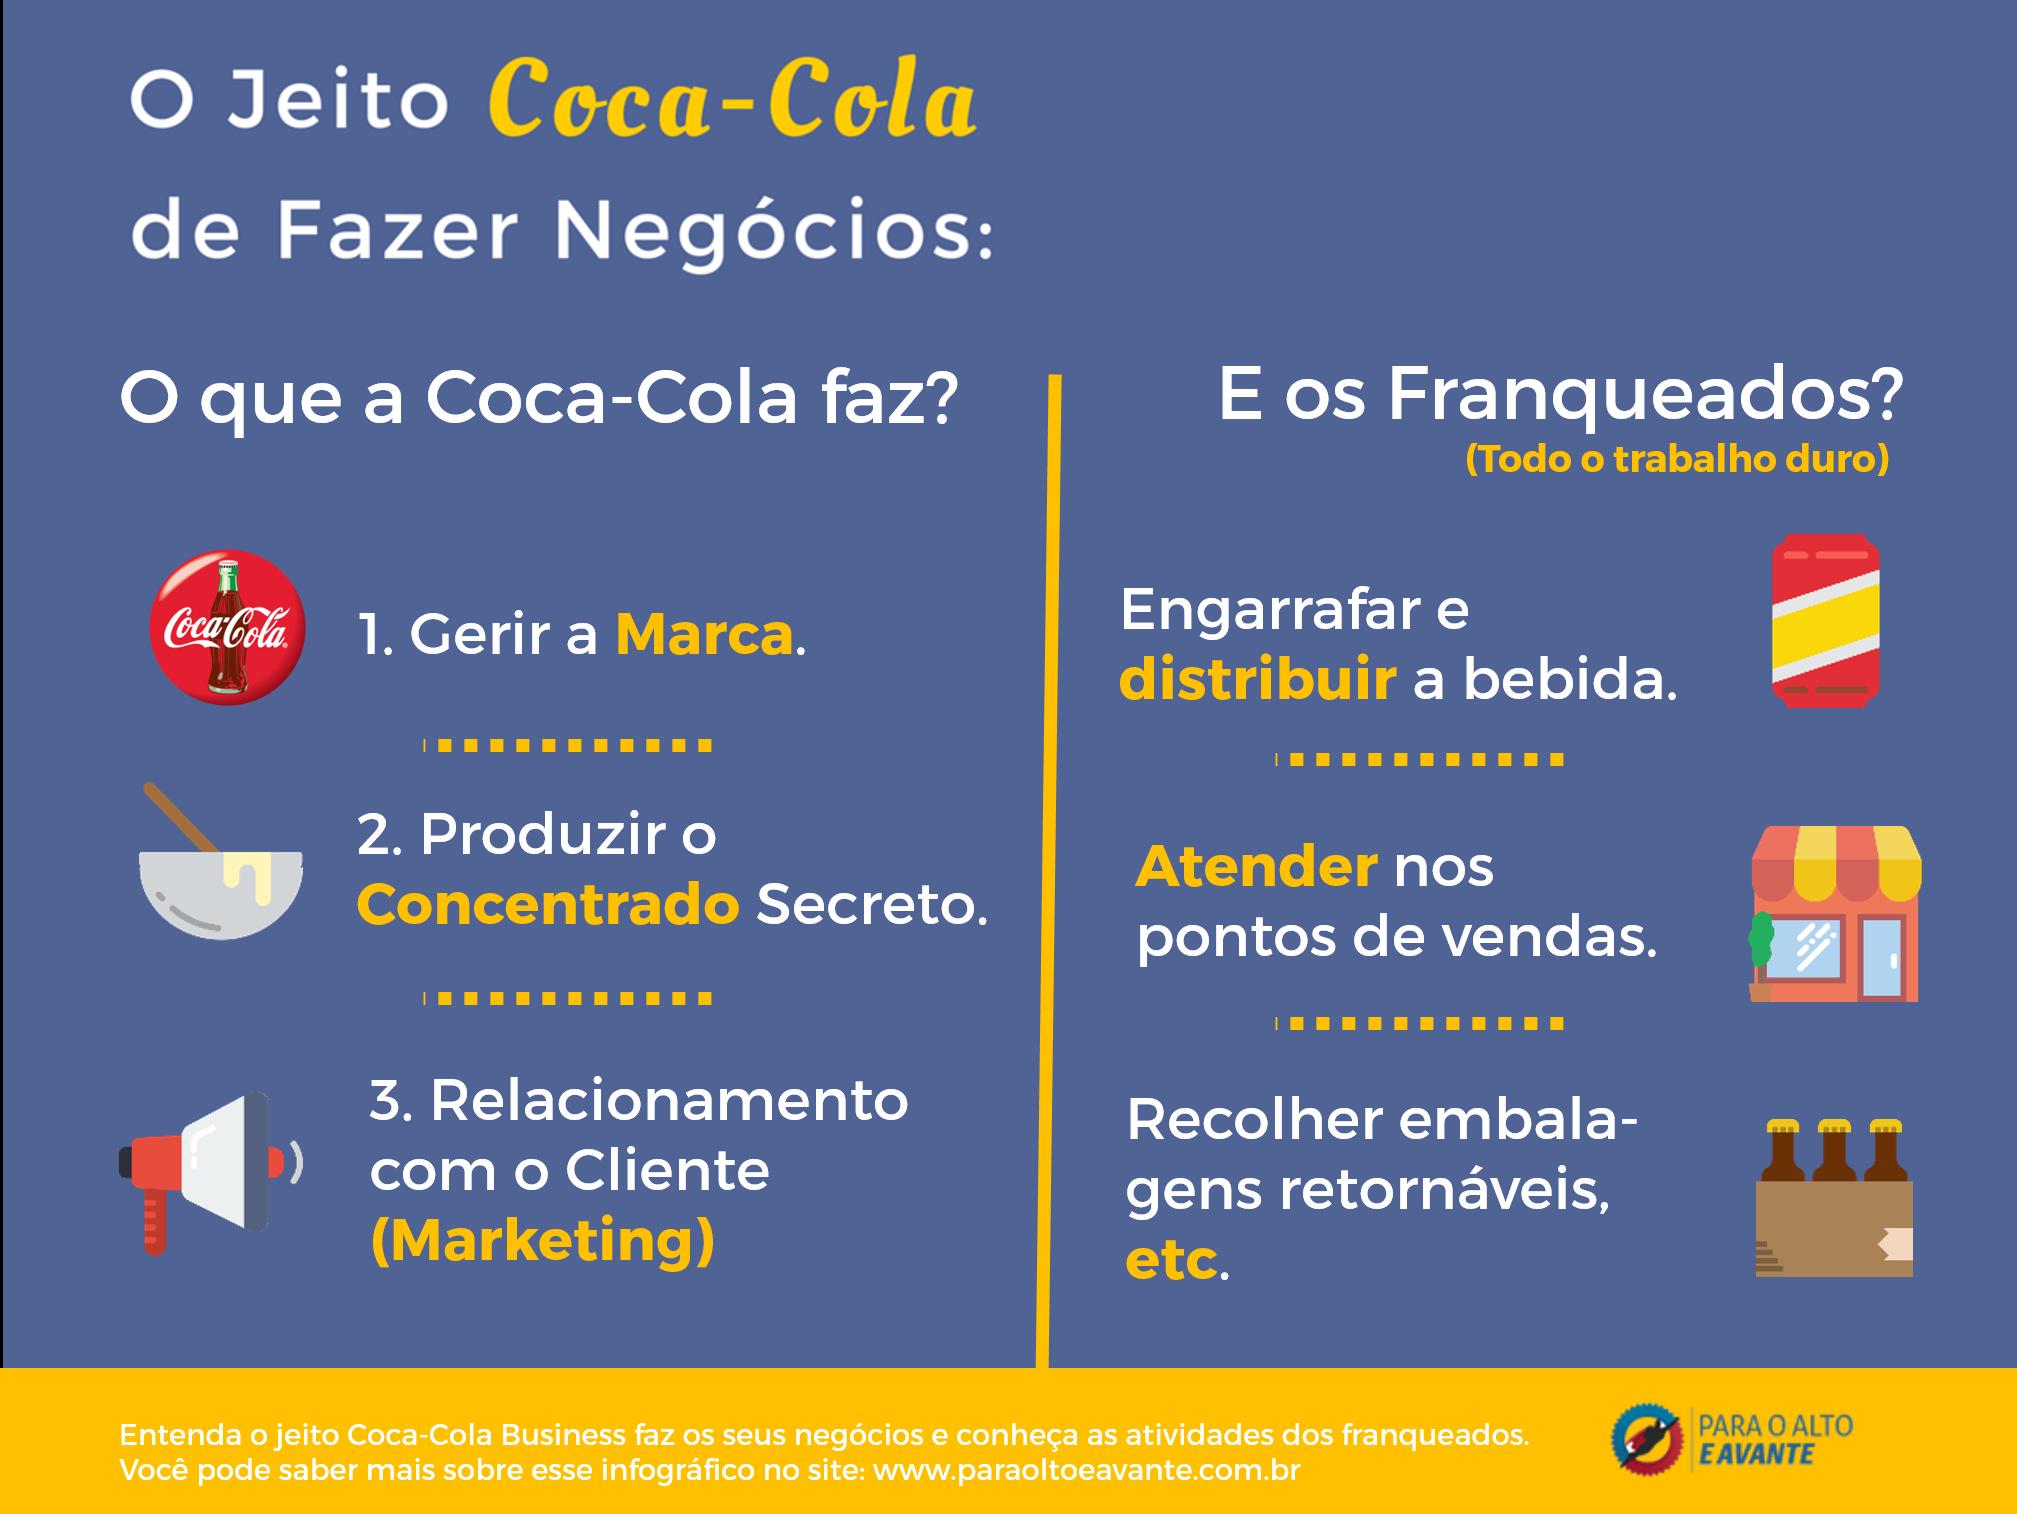 ofical infografico - o jeito coca-cola de fazer negocios